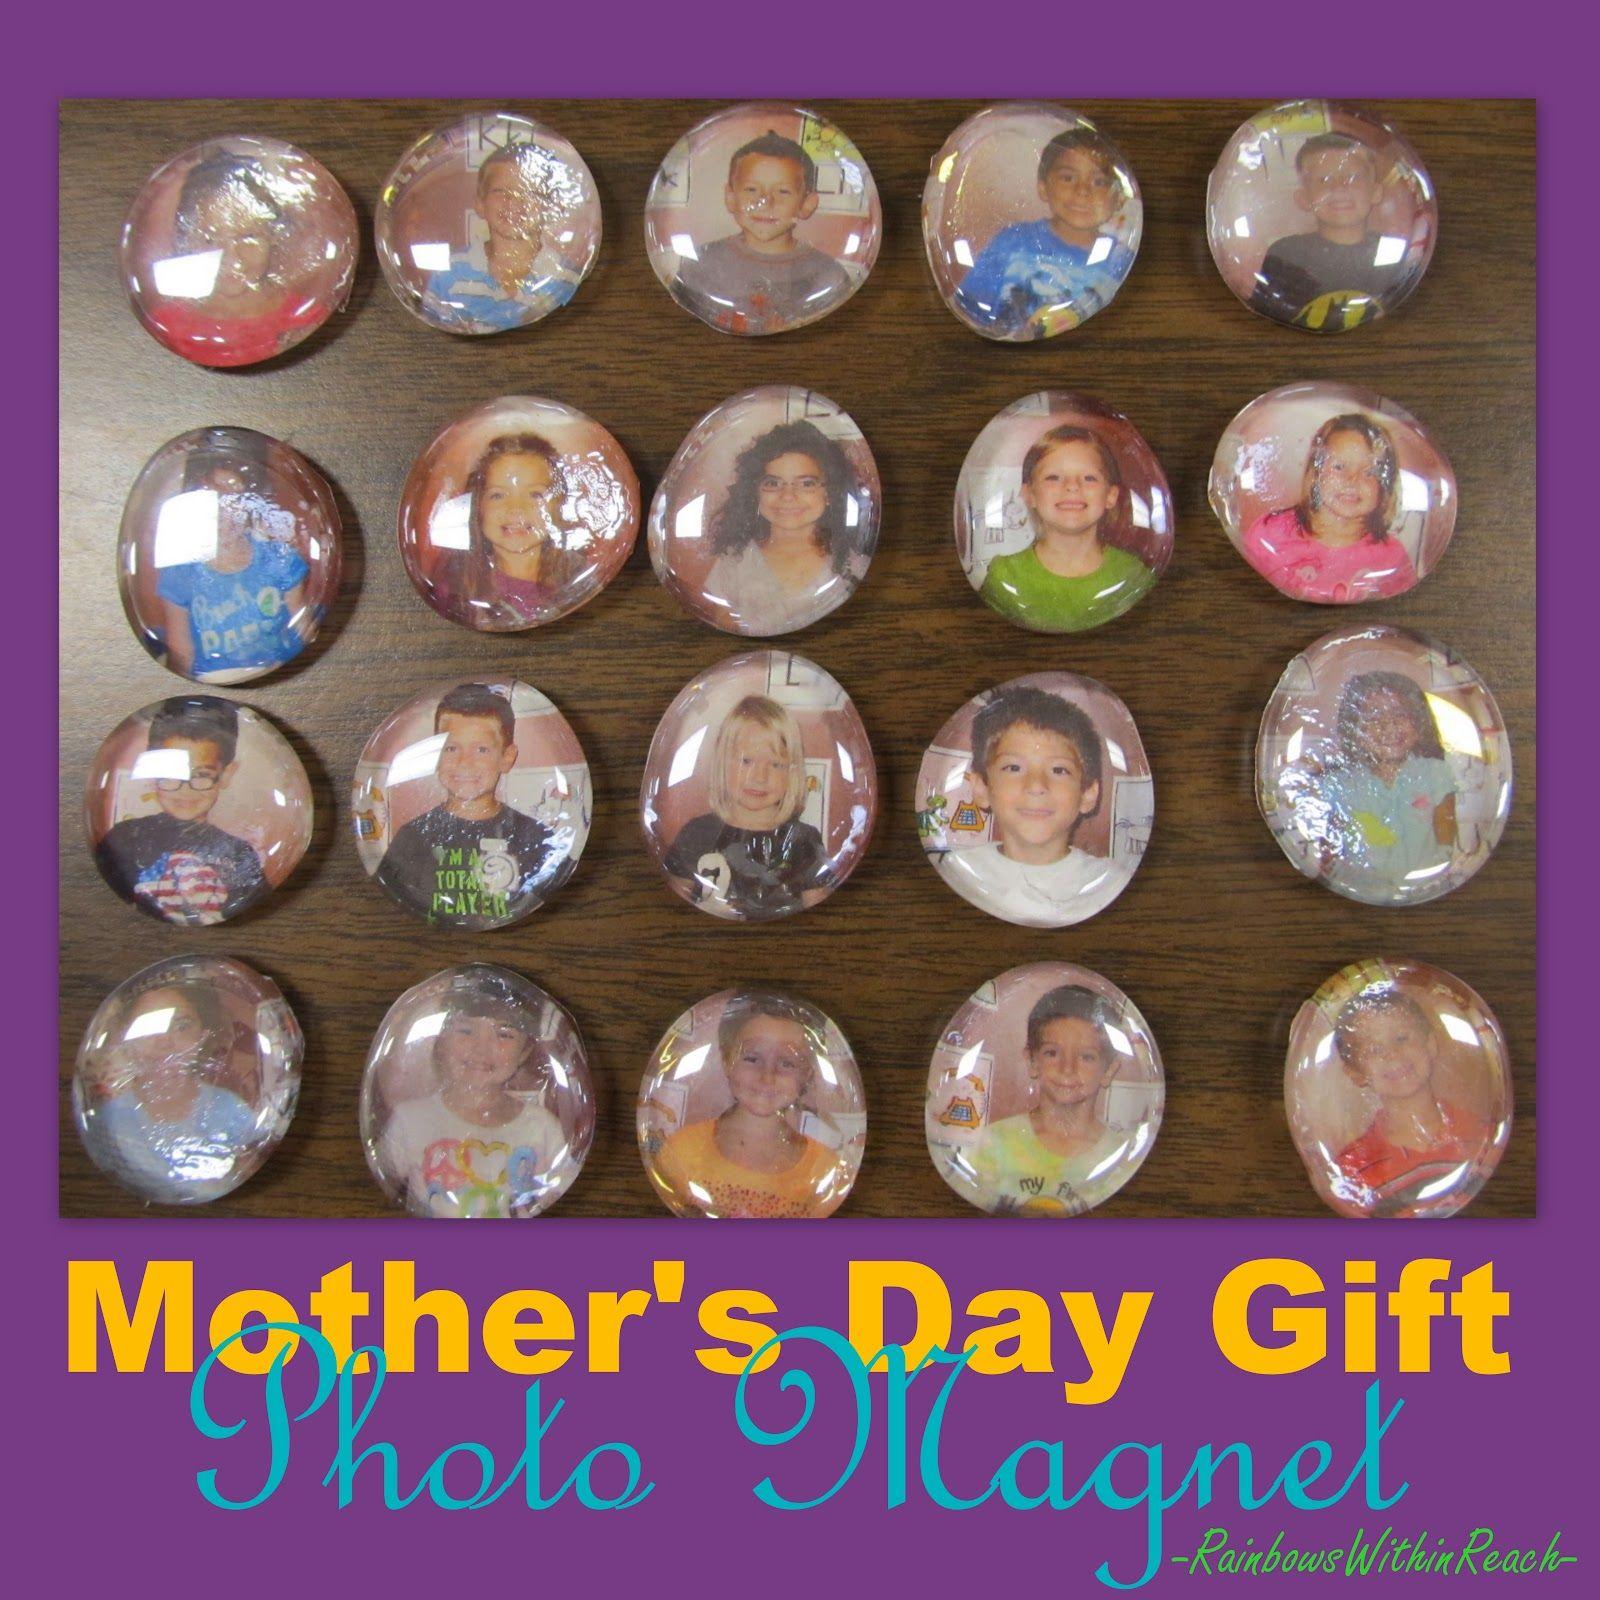 Preschool Mother's Day gift, kindergarten Mother's Day gift, preschool magnet for Mother's Day, photo magnet